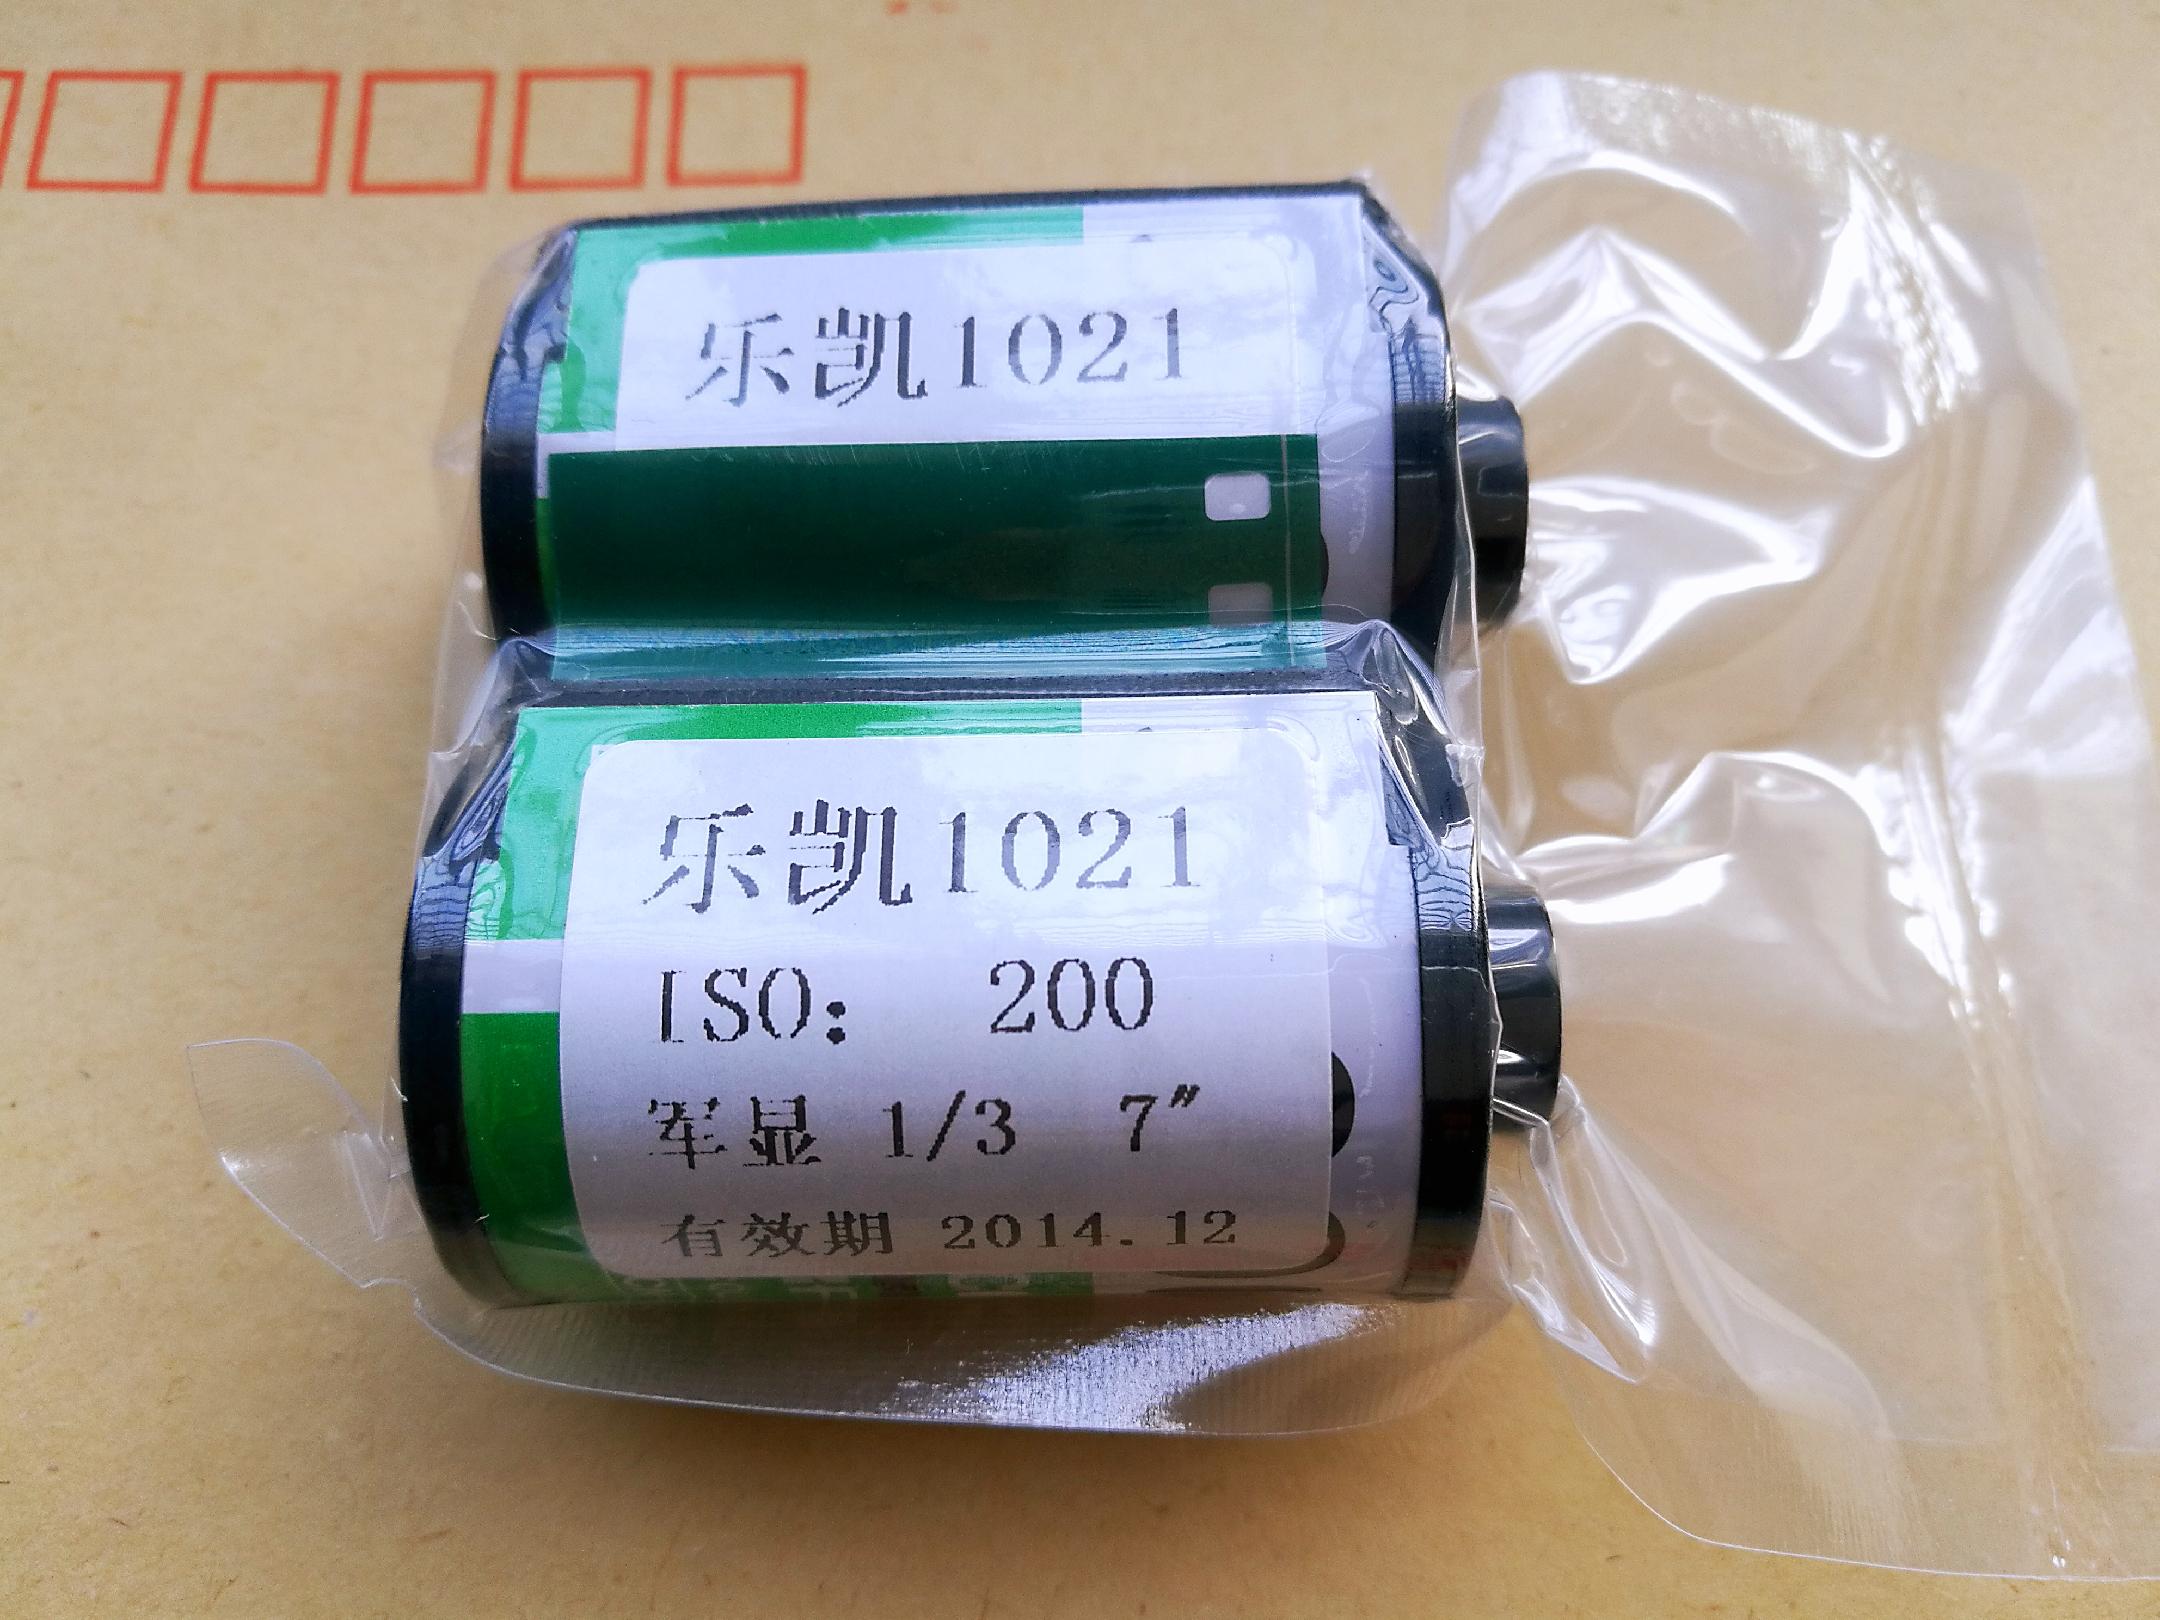 乐凯胶卷135 黑白胶卷 单齿孔34mm胶卷 ISO200 14年到期盘片分装